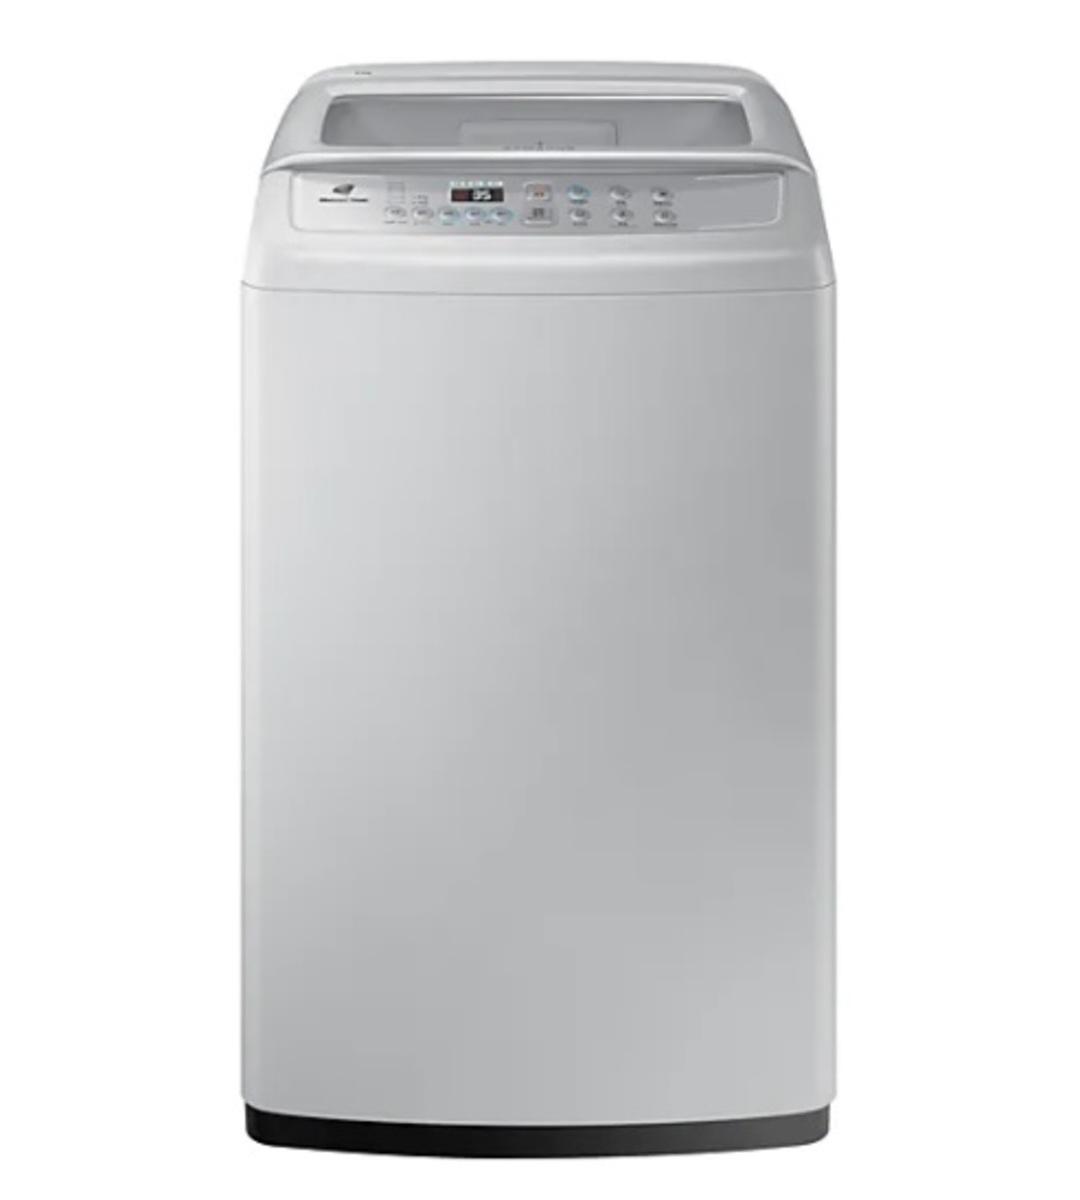 WA60M4000SG/SH 6kg washer